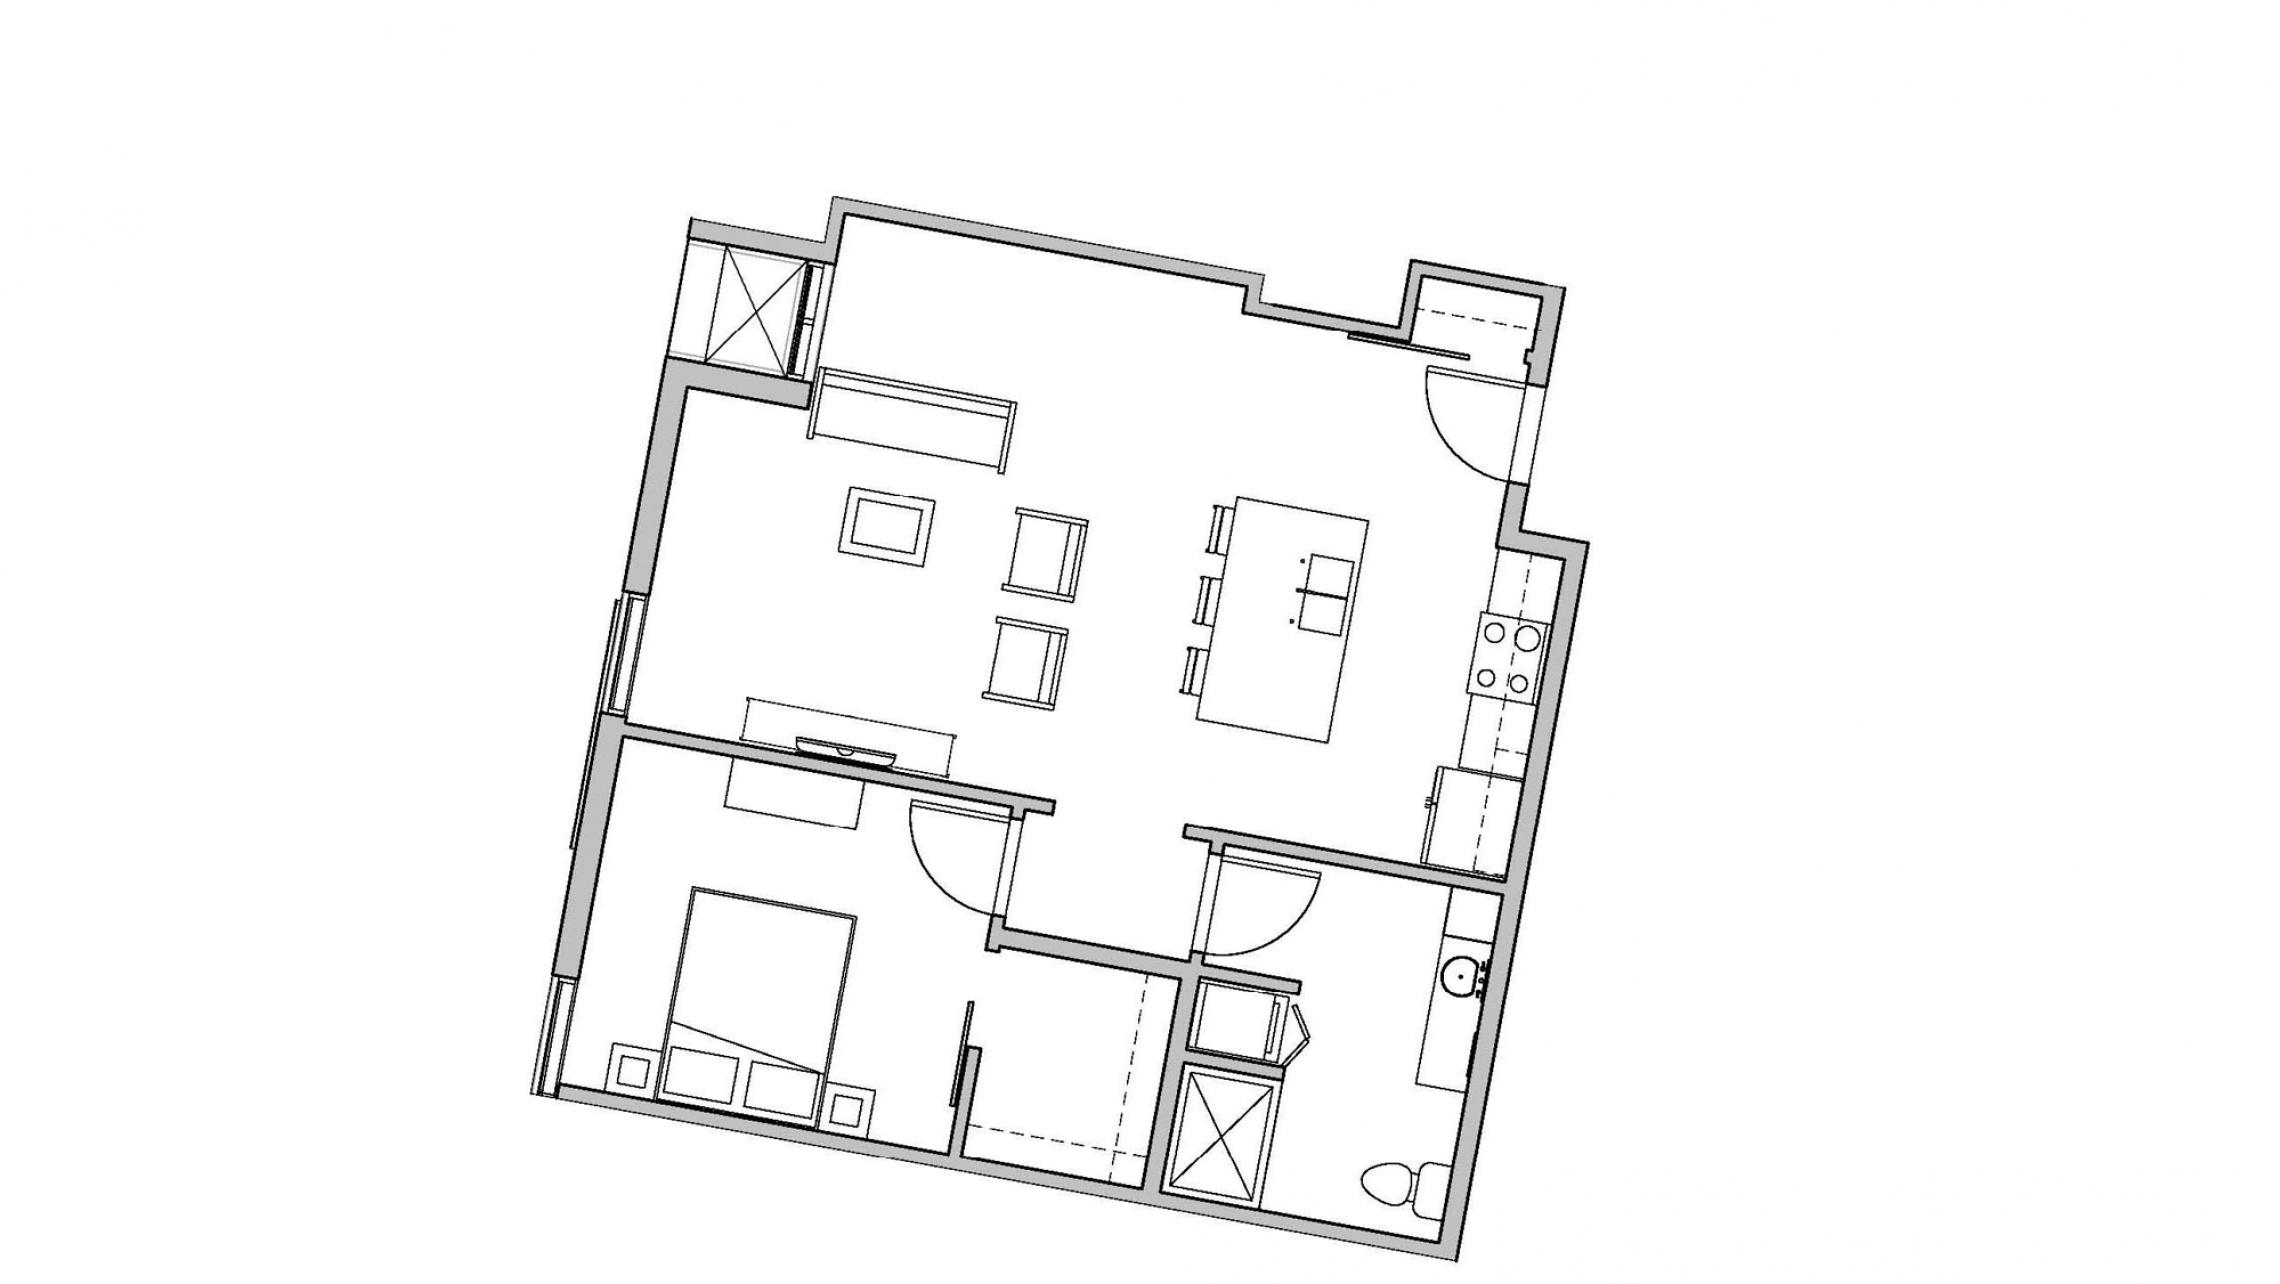 ULI Seven27 537 - One Bedroom, One Bathroom